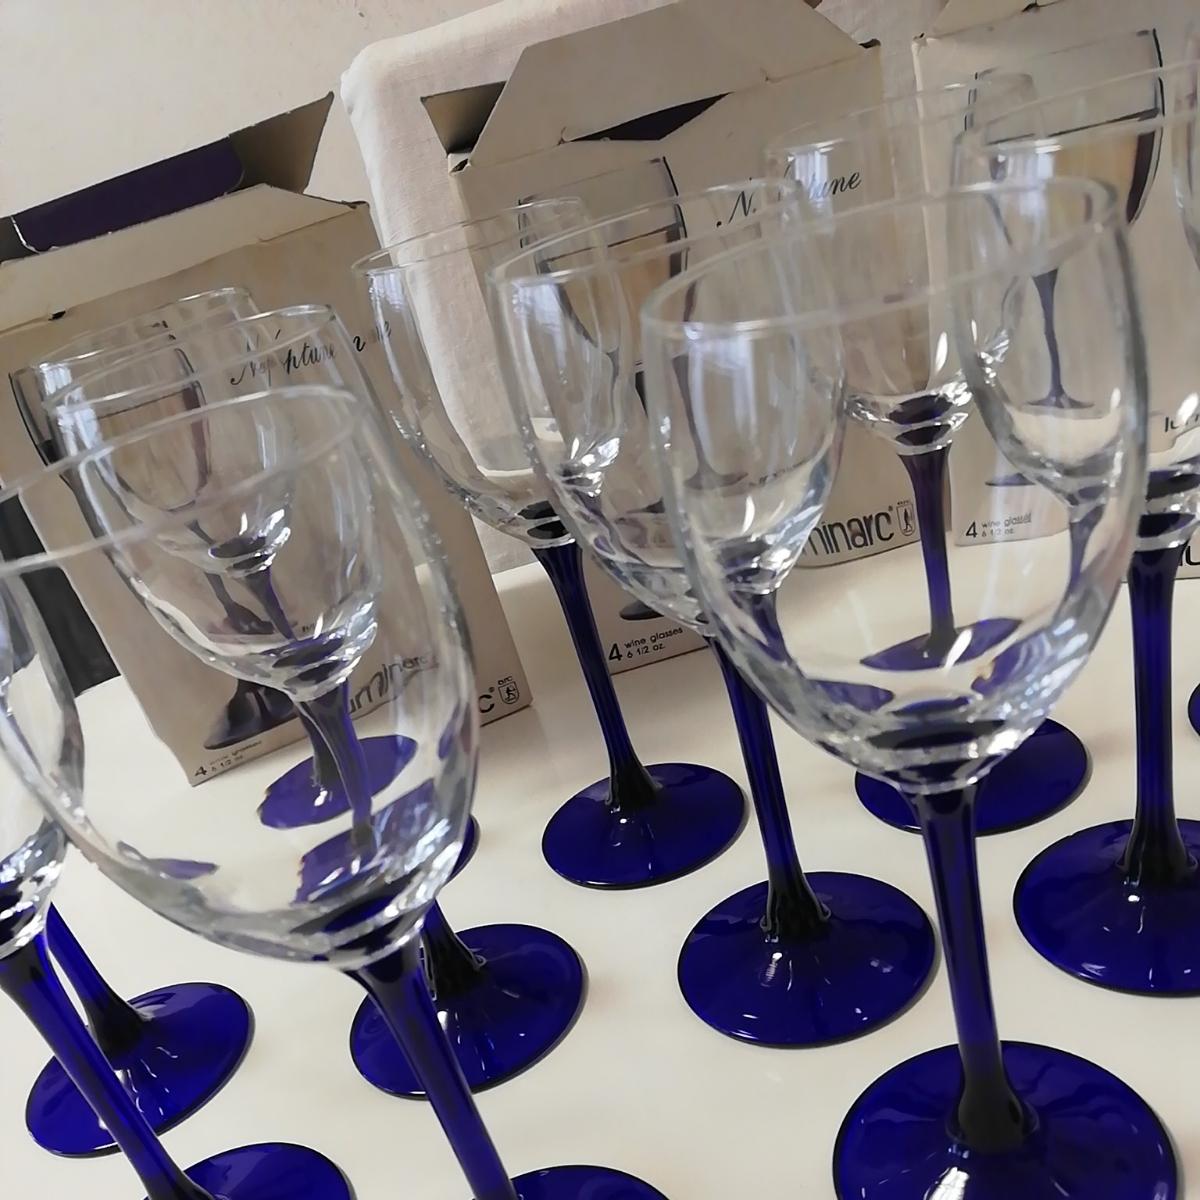 ●新品 ワイングラス ブルー フランス製 リュミナルク グラス 12客 luminarc 店舗お店飲食店に FRANCE 足付脚付 ゴブレット●大量セット_画像5